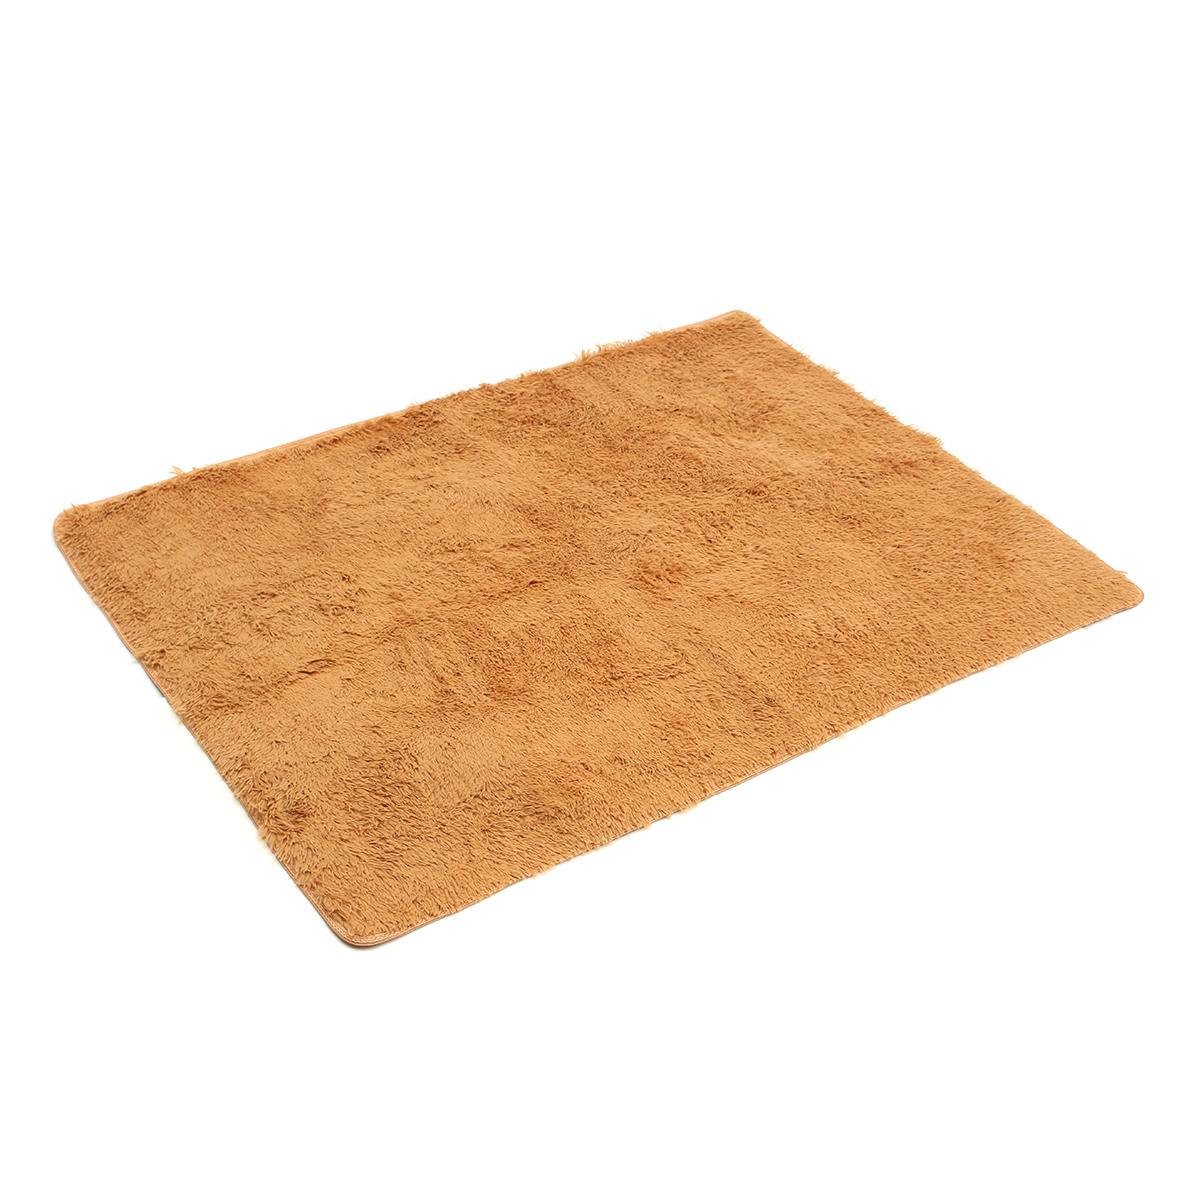 160x230cm-Shaggy-Tapis-de-Sol-Carpette-Antiderapant-de-Salon-Maison-Longs-Poils